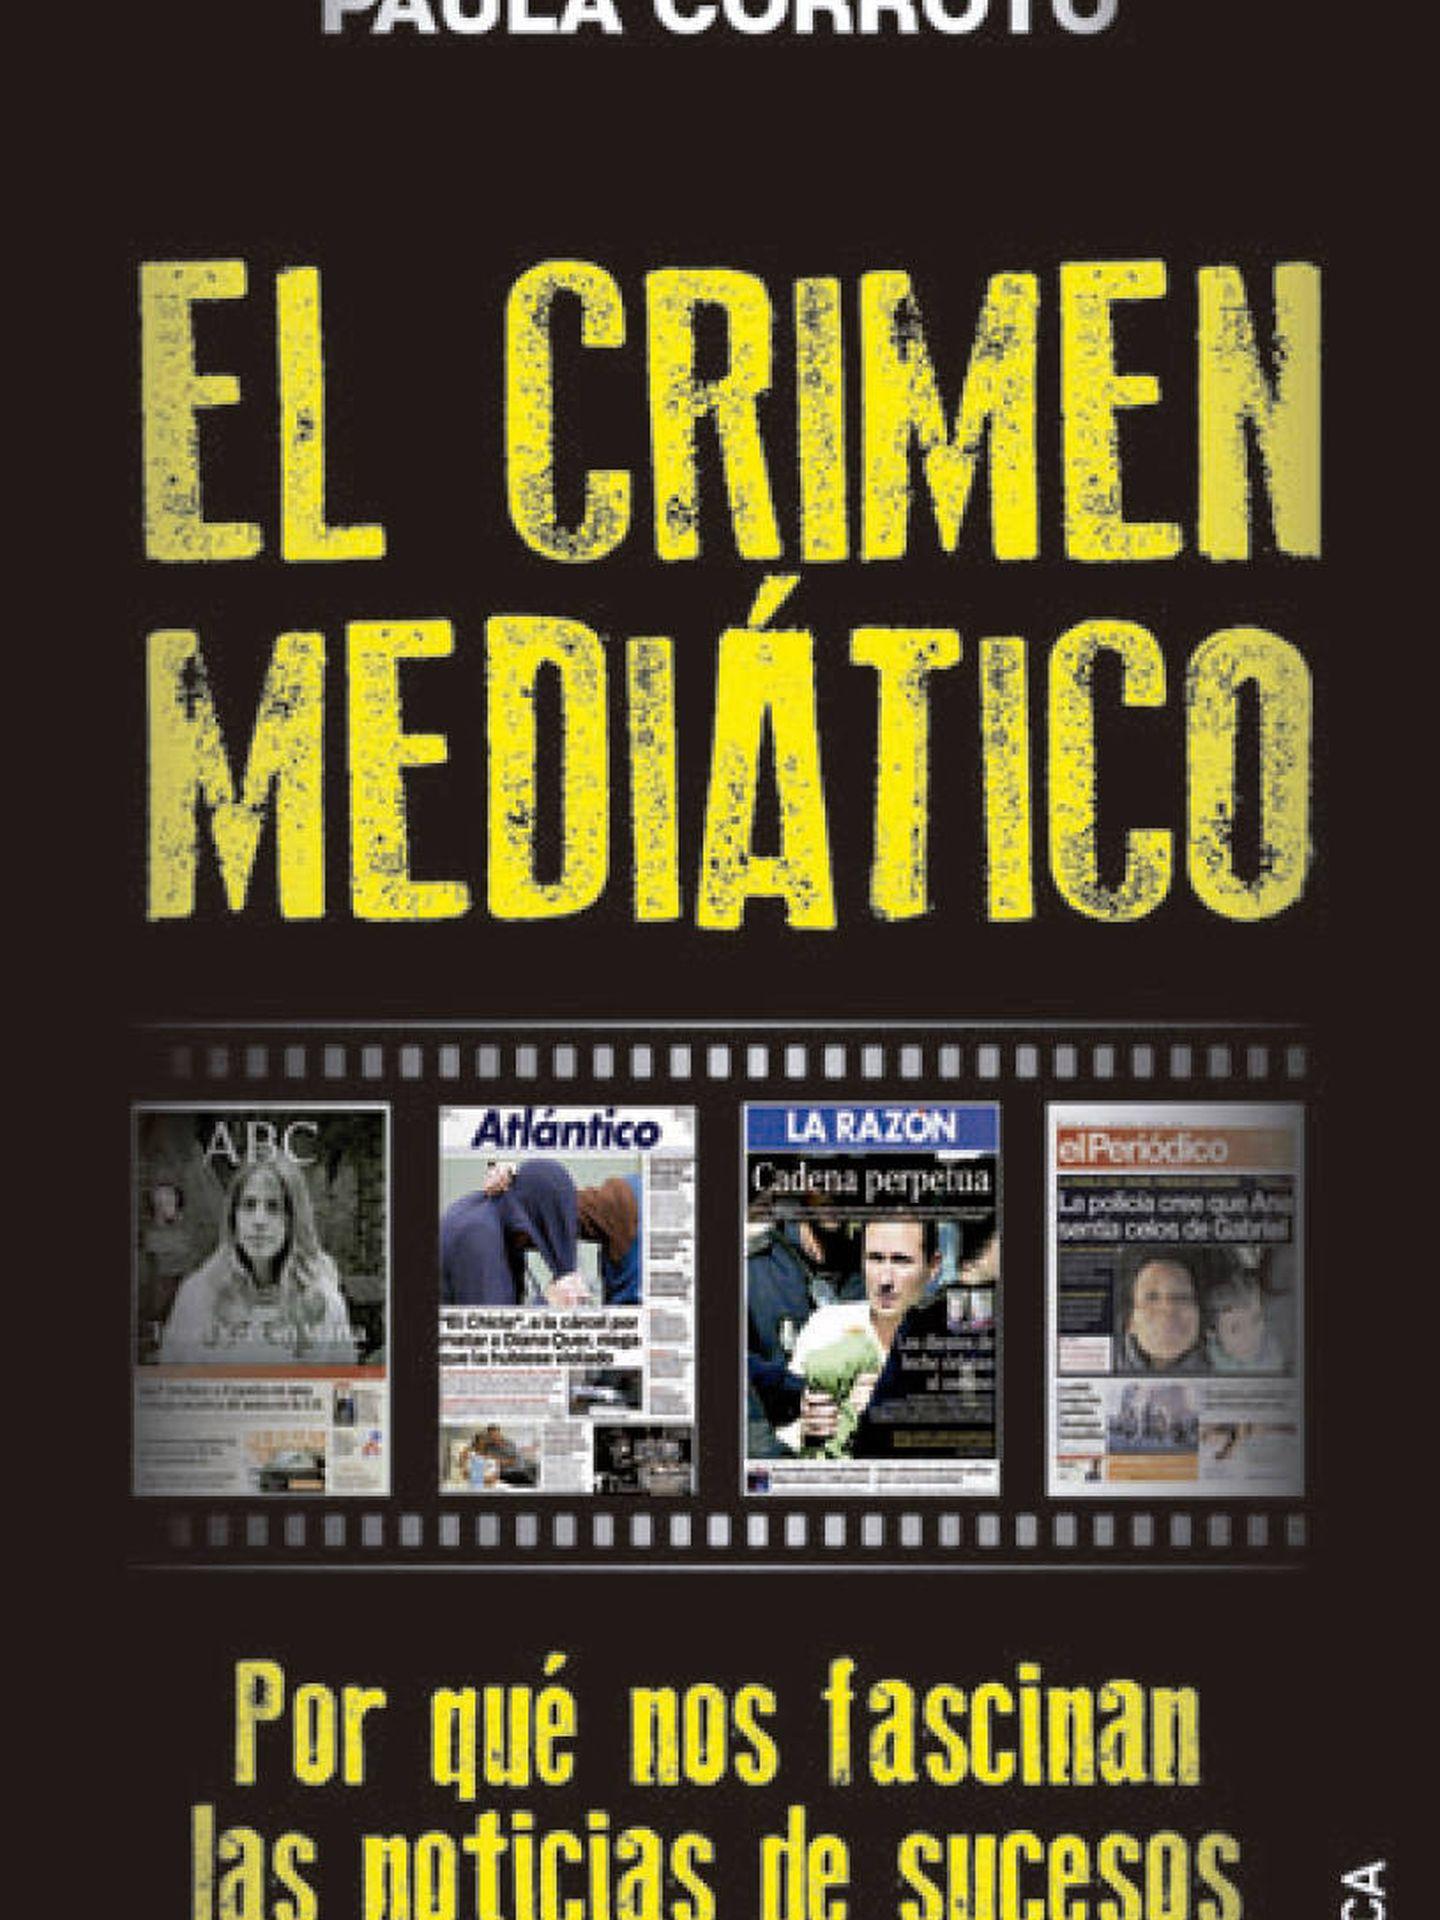 'El crimen mediático'